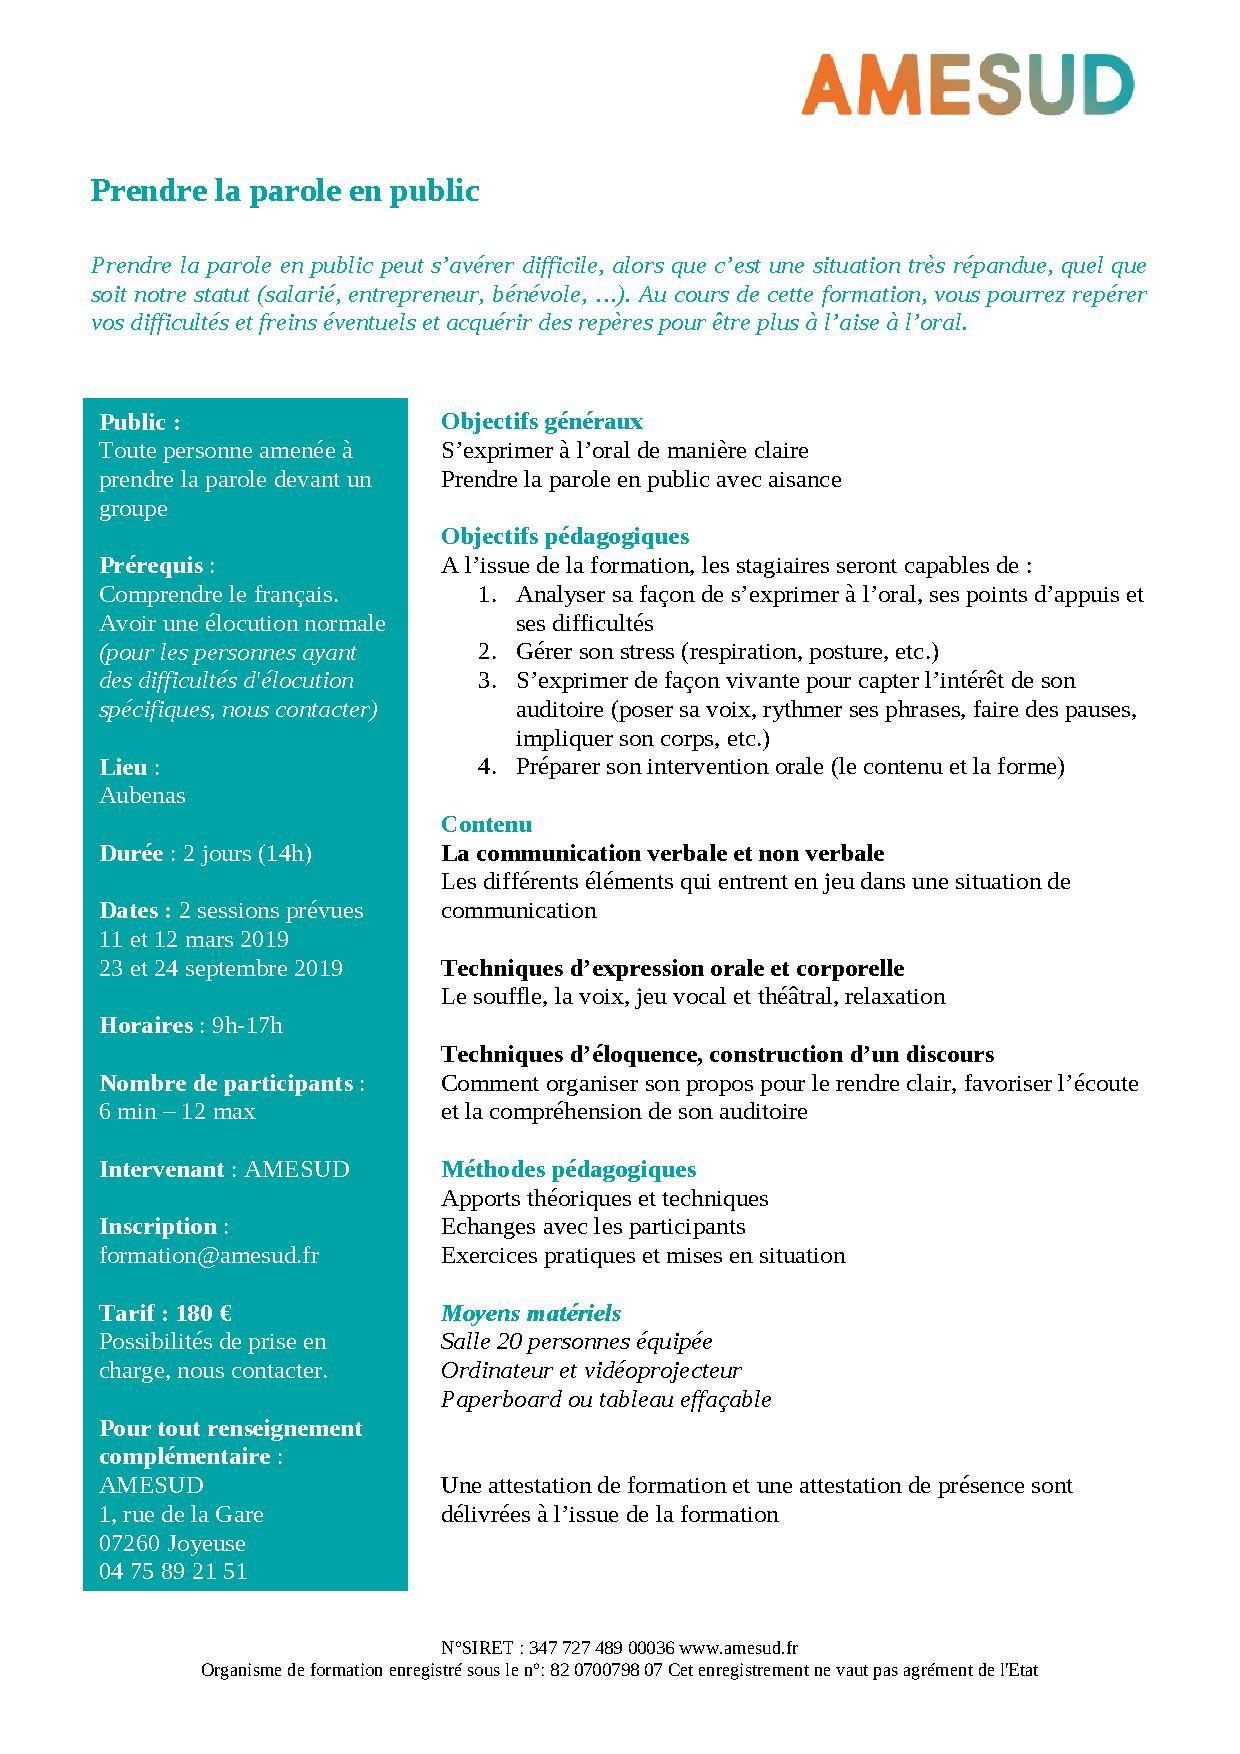 OF - Prendre la parole en public @ AMESUD | Joyeuse | Auvergne-Rhône-Alpes | France